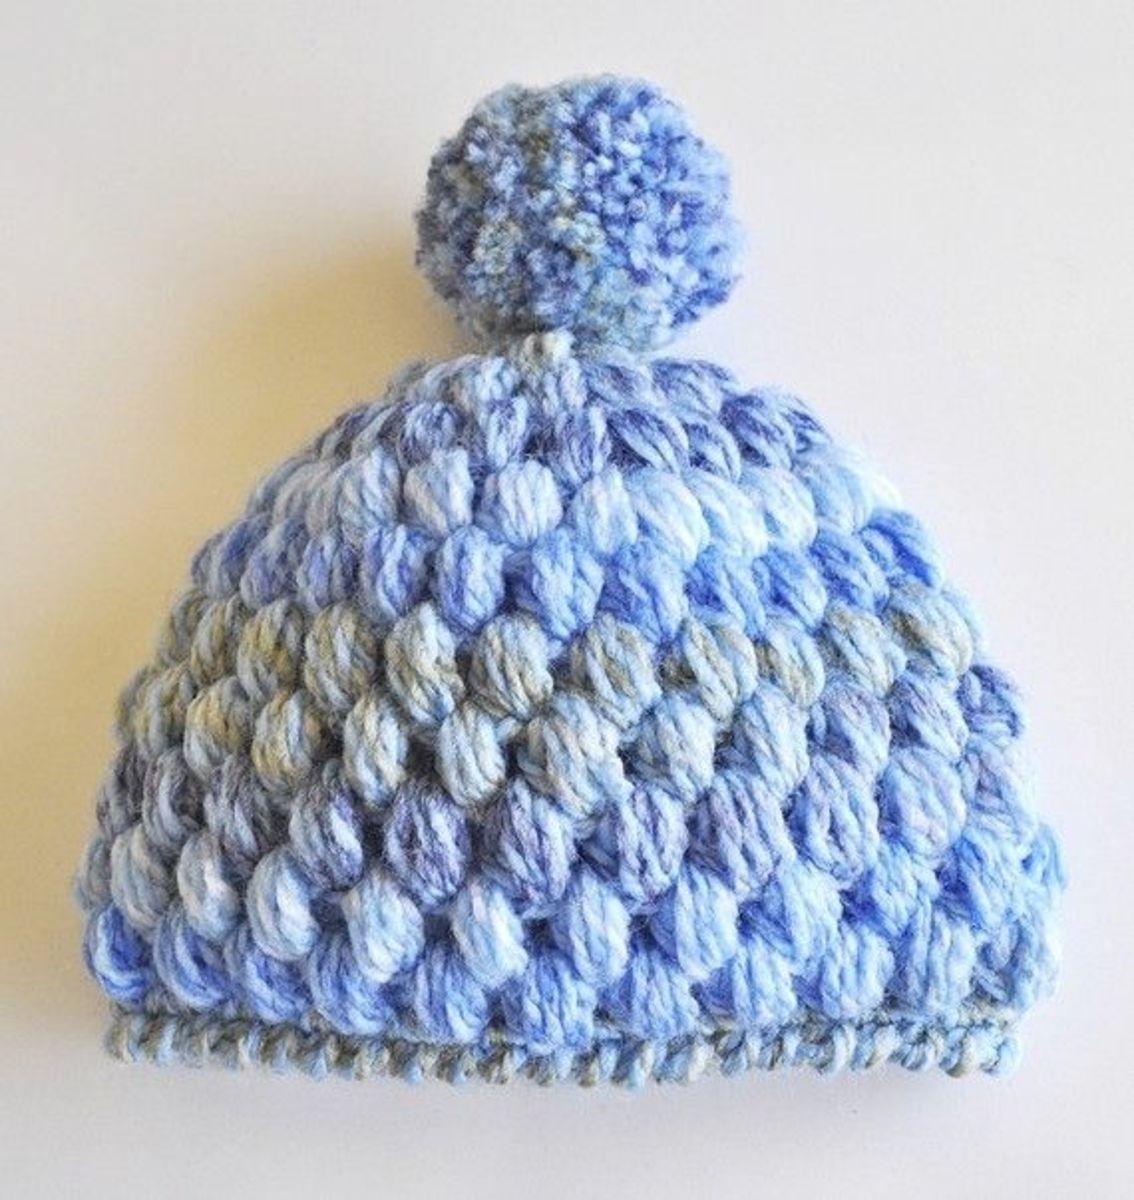 Crochet Puff Stitch Baby Beanie